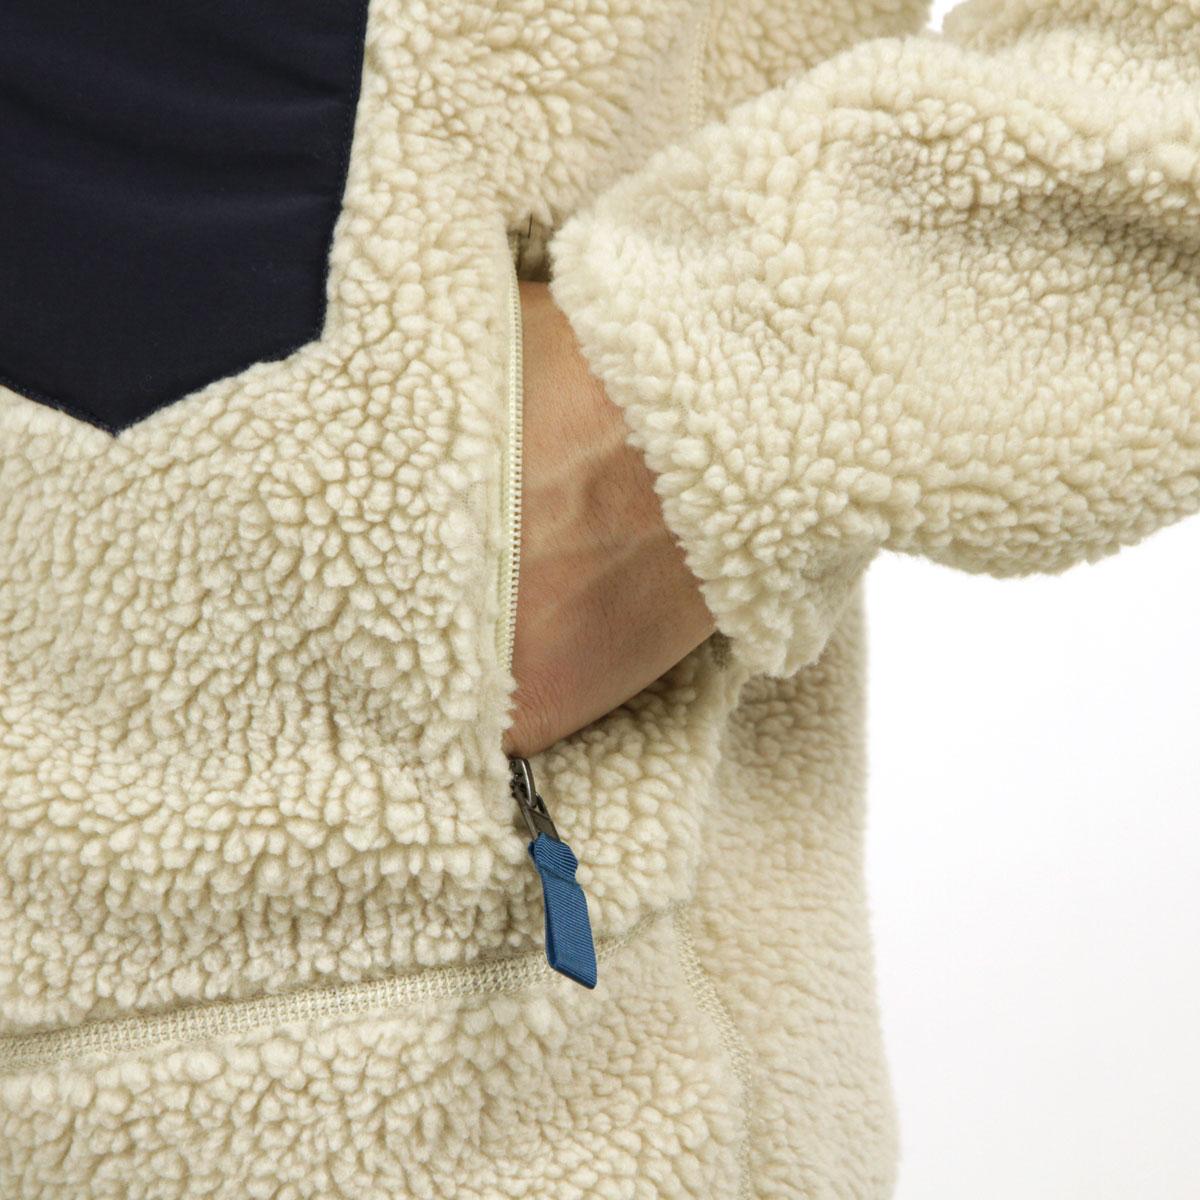 パタゴニア ジャケット メンズ 正規品 patagonia レトロX ボアジャケット MEN'S CLASSIC RETRO-X FLEECE JACKET NATURAL 23056 A53B B1C C1D D4E E18F